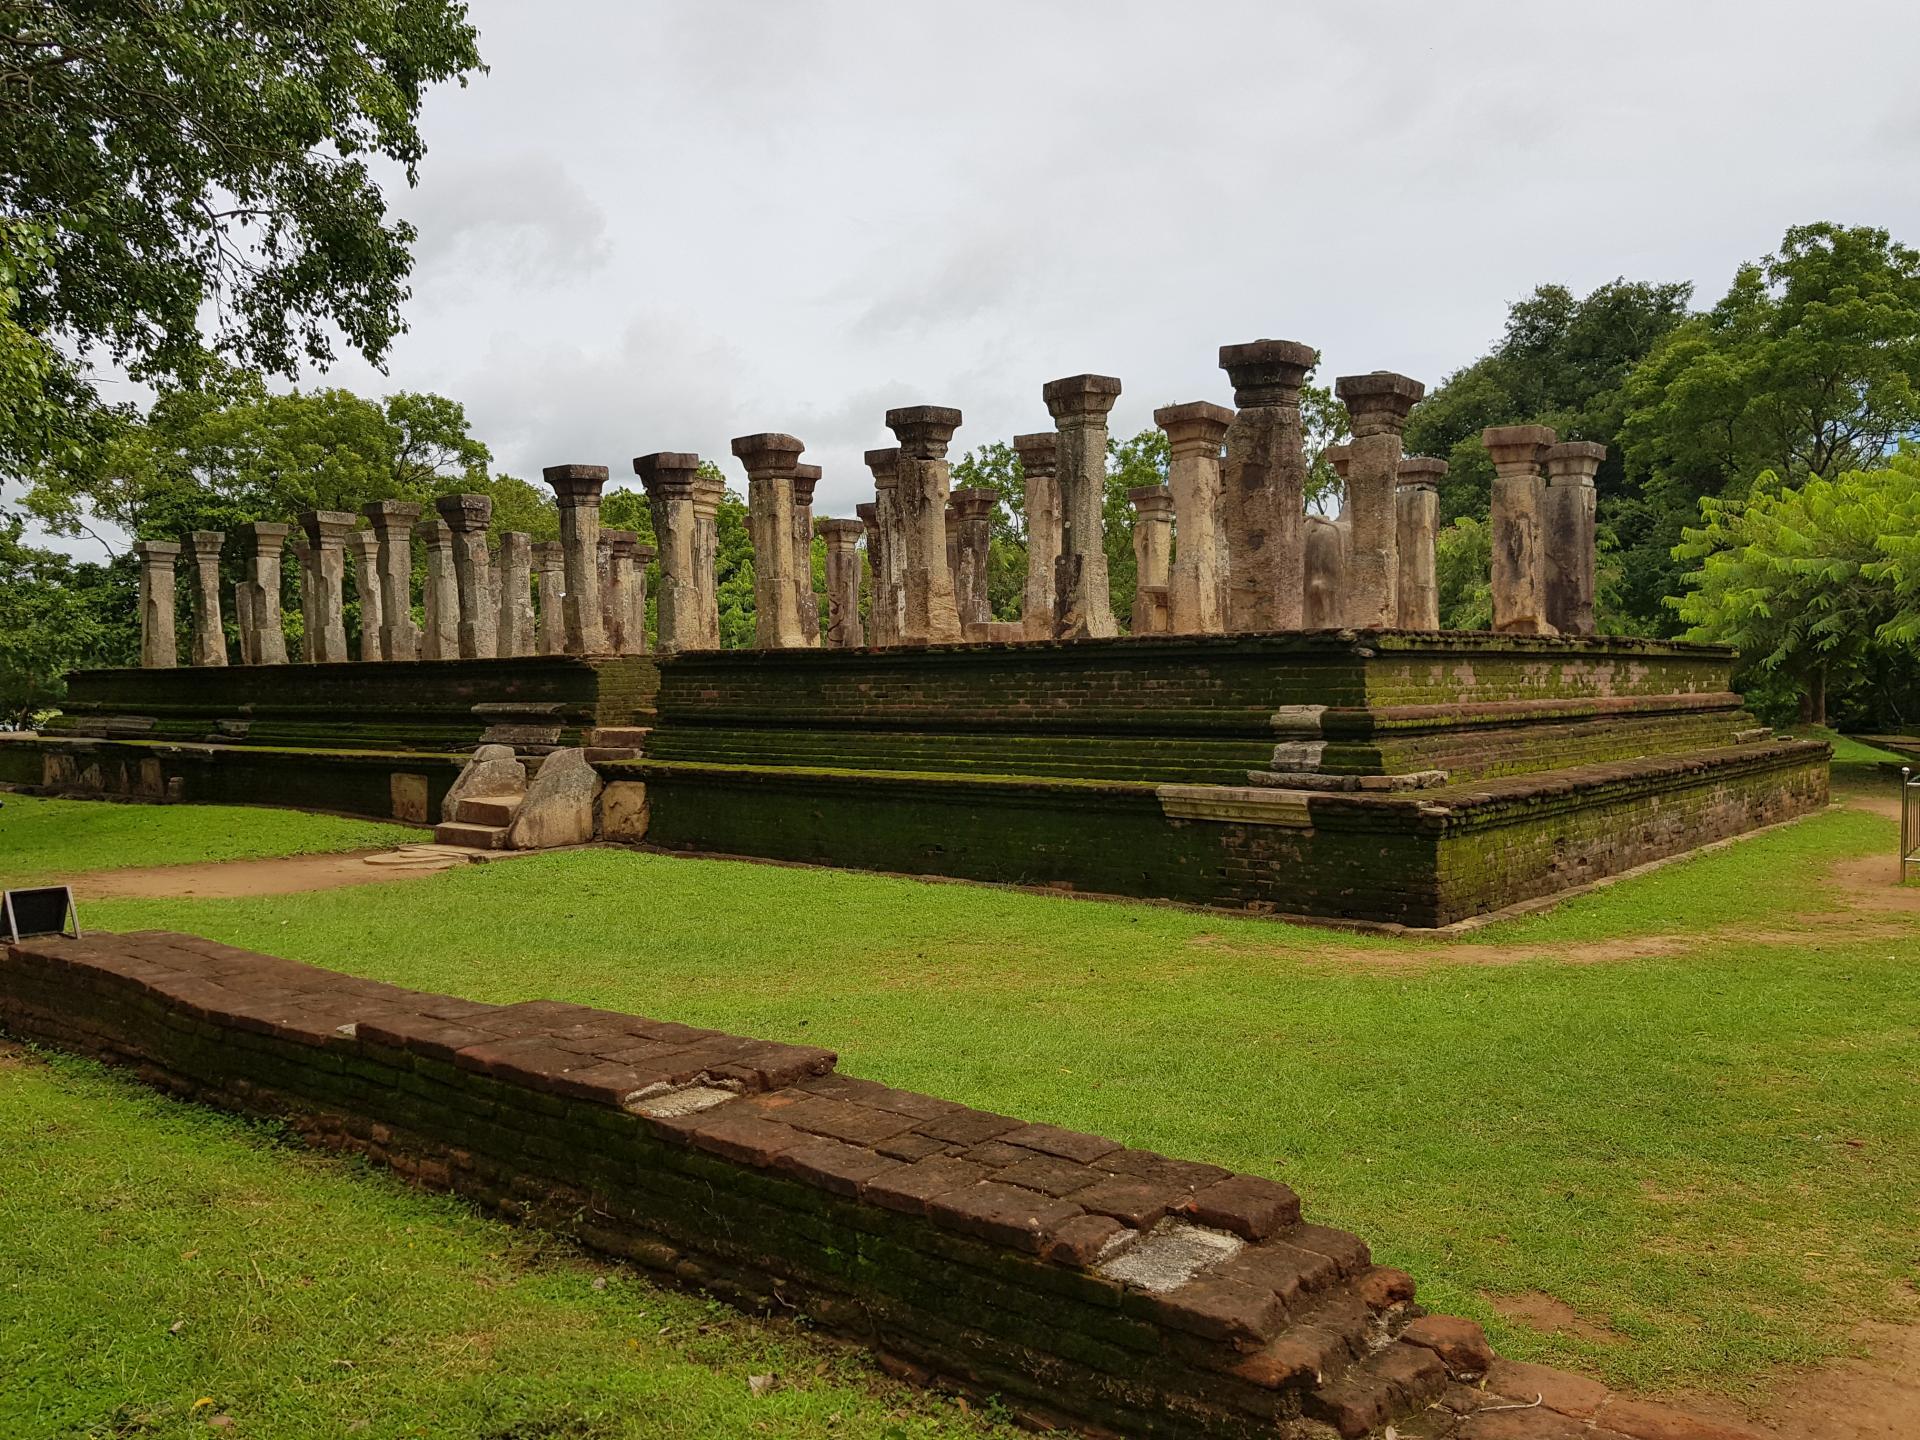 Дворец короля Ниссанкамалла, Полоннарува, Шри-Ланка.